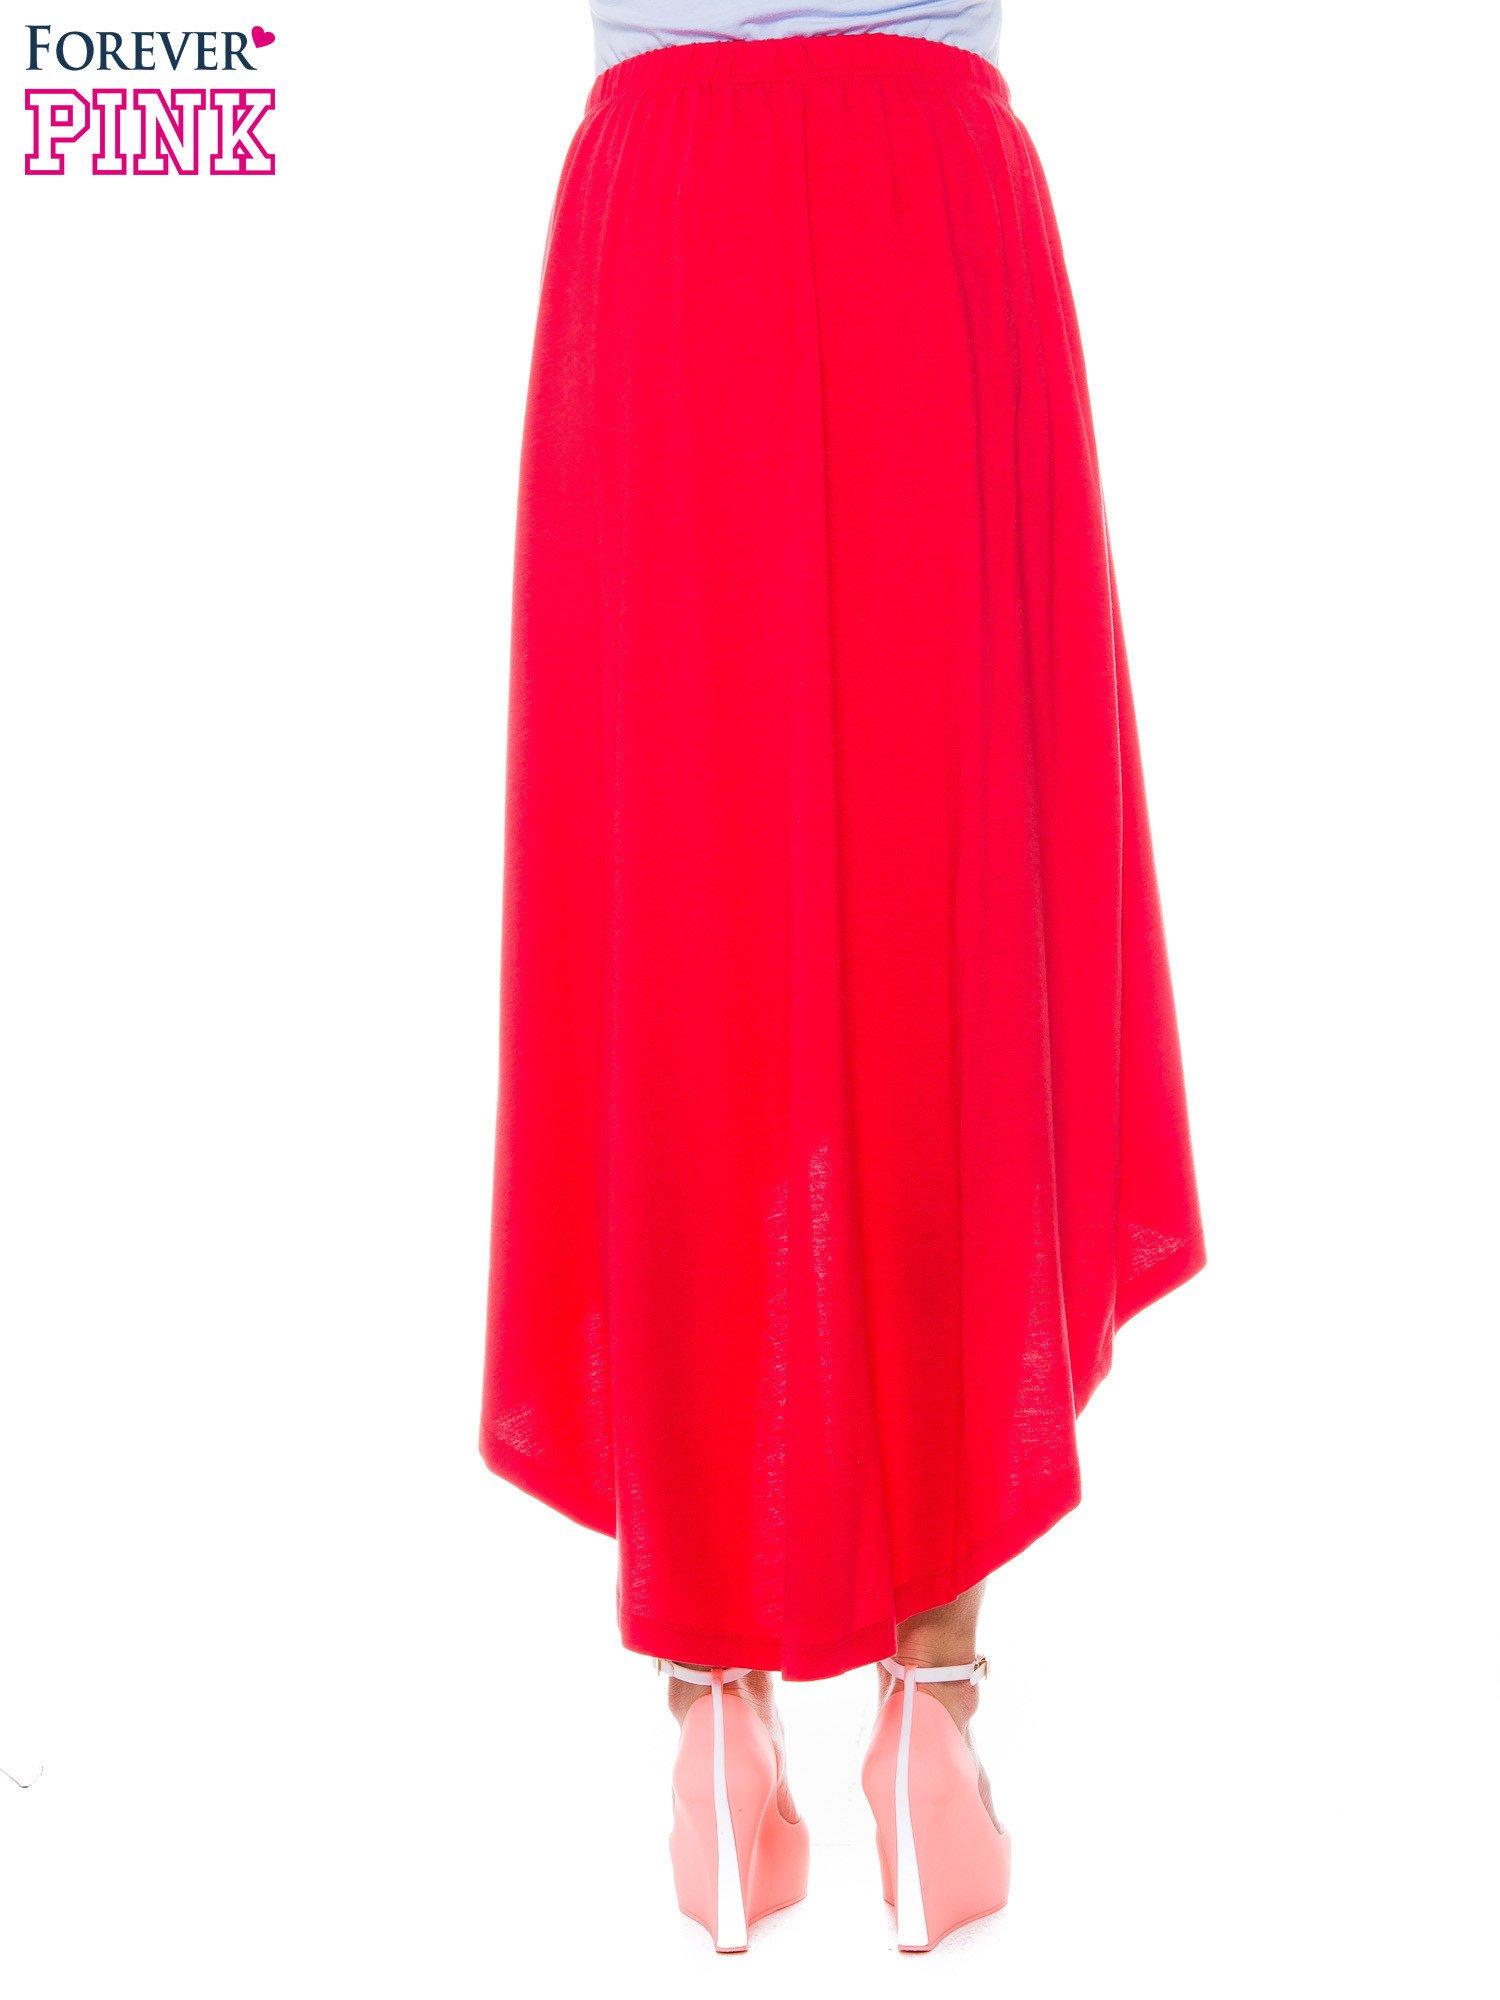 Ciemnokoralowa zwiewna spódnica z dłuższym tyłem                                  zdj.                                  3